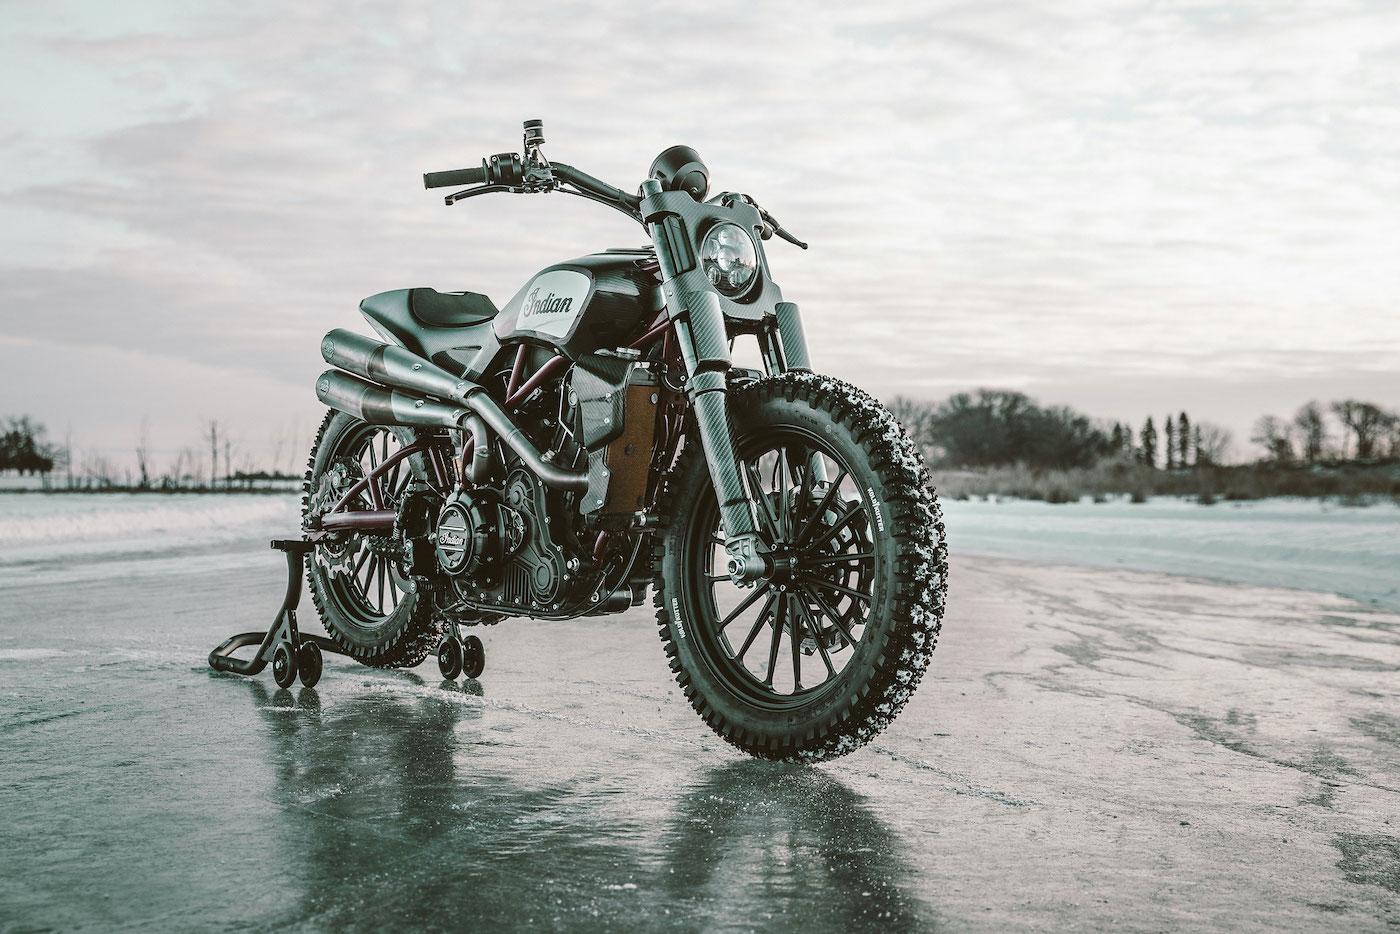 FTR1200 Custom Brad Baker Frozen Lakebed